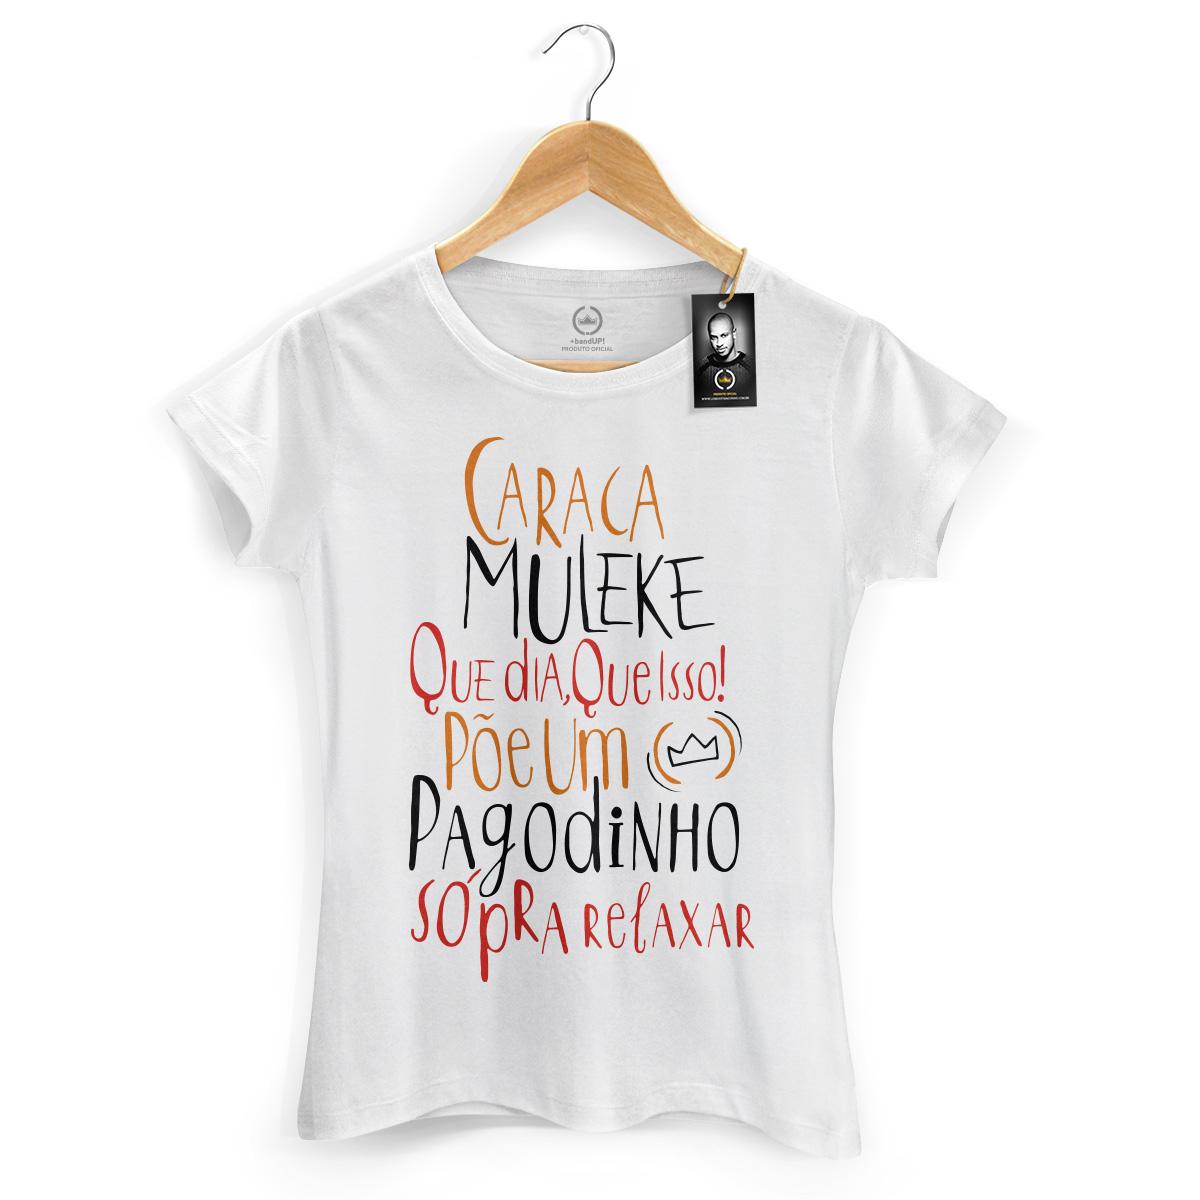 Camiseta Feminina Thiaguinho Que Dia, Que Isso!